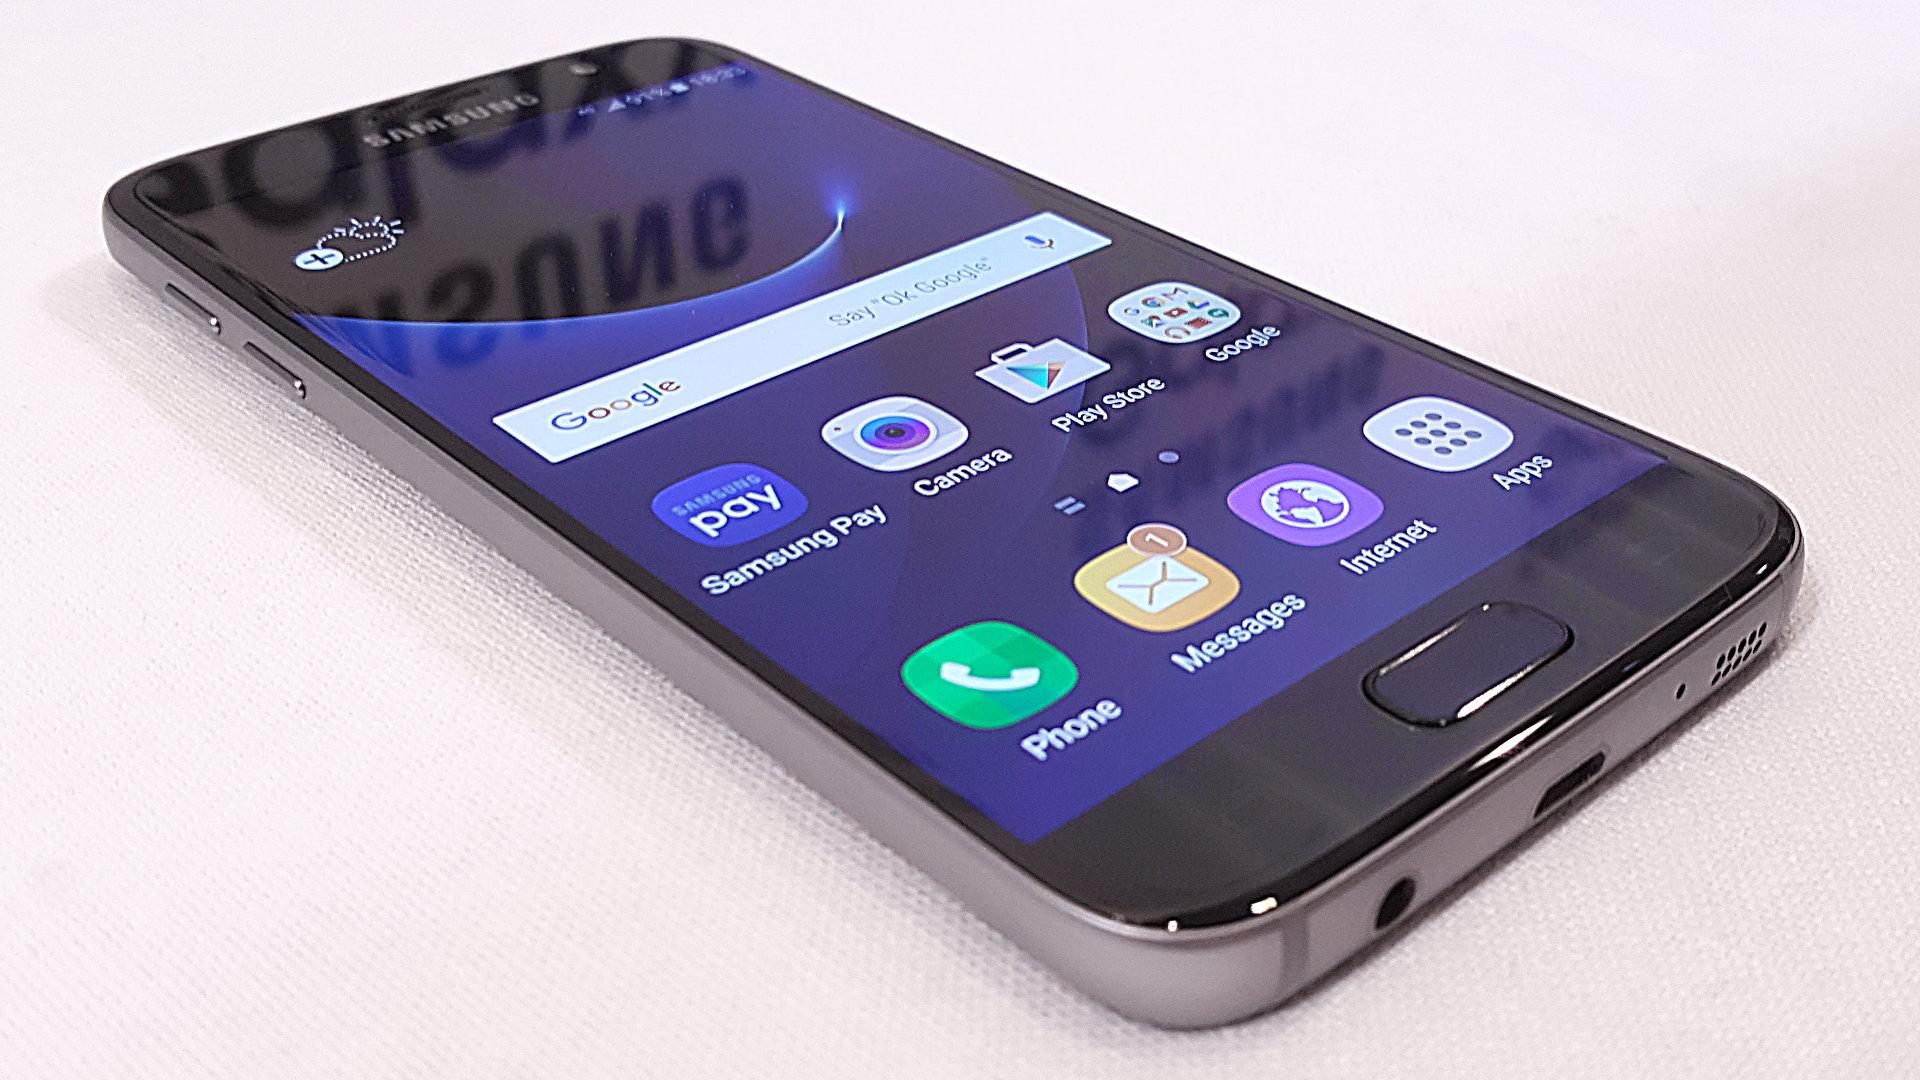 top5-smartfonov-kotorye-podesheveli-v-2017-godu-samsung-galaxy-s7-flat-ehkran